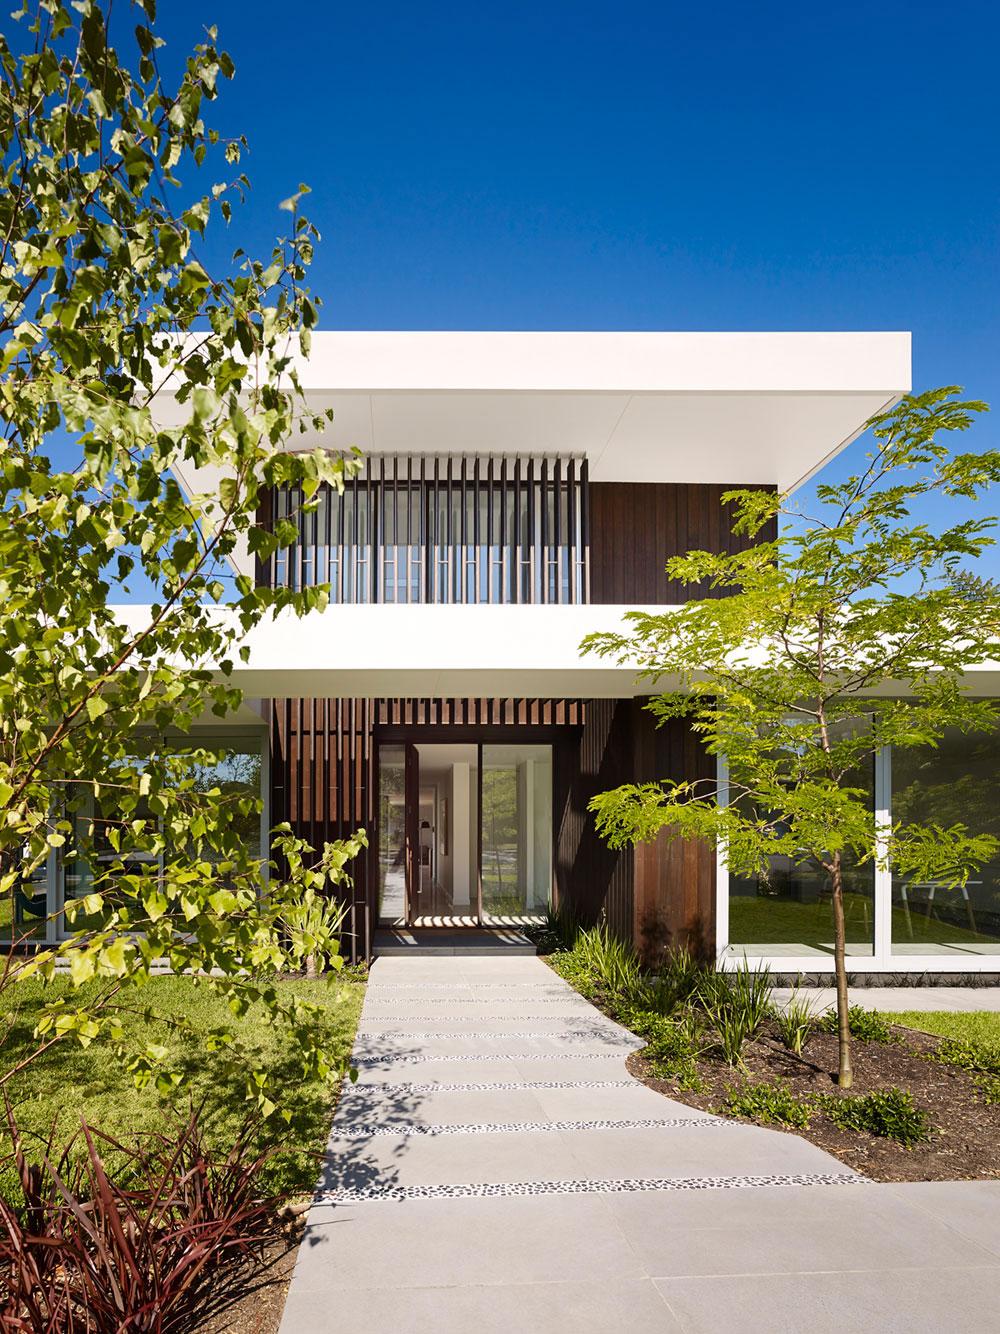 Modernt hus som är vackert 1 Modernt hus som är vackert både ute och inne